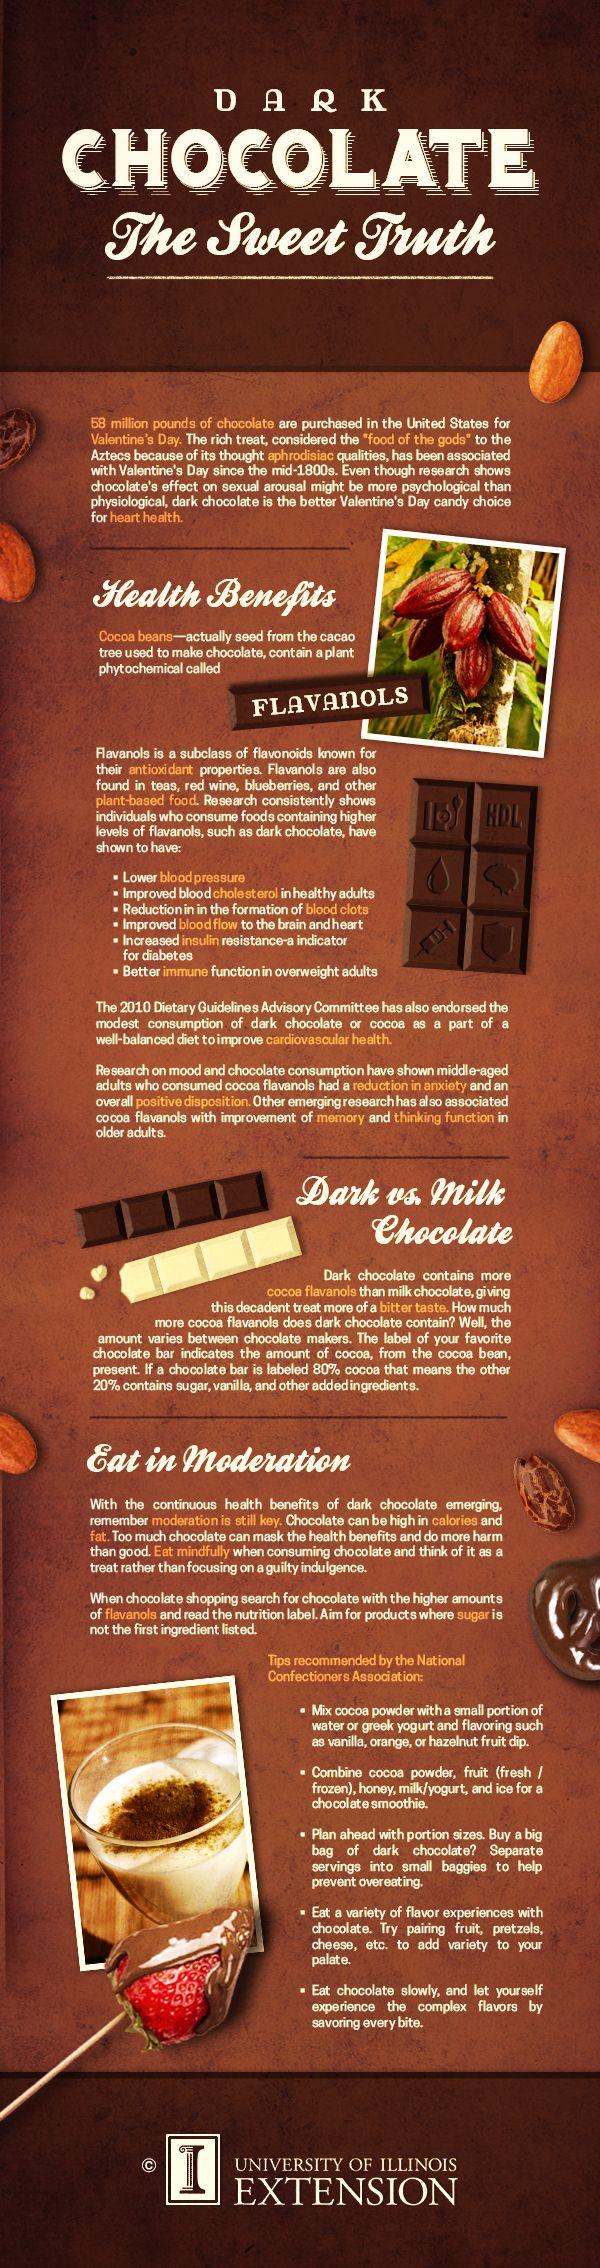 The 25+ best Dark chocolate nutrition ideas on Pinterest | Dark ...